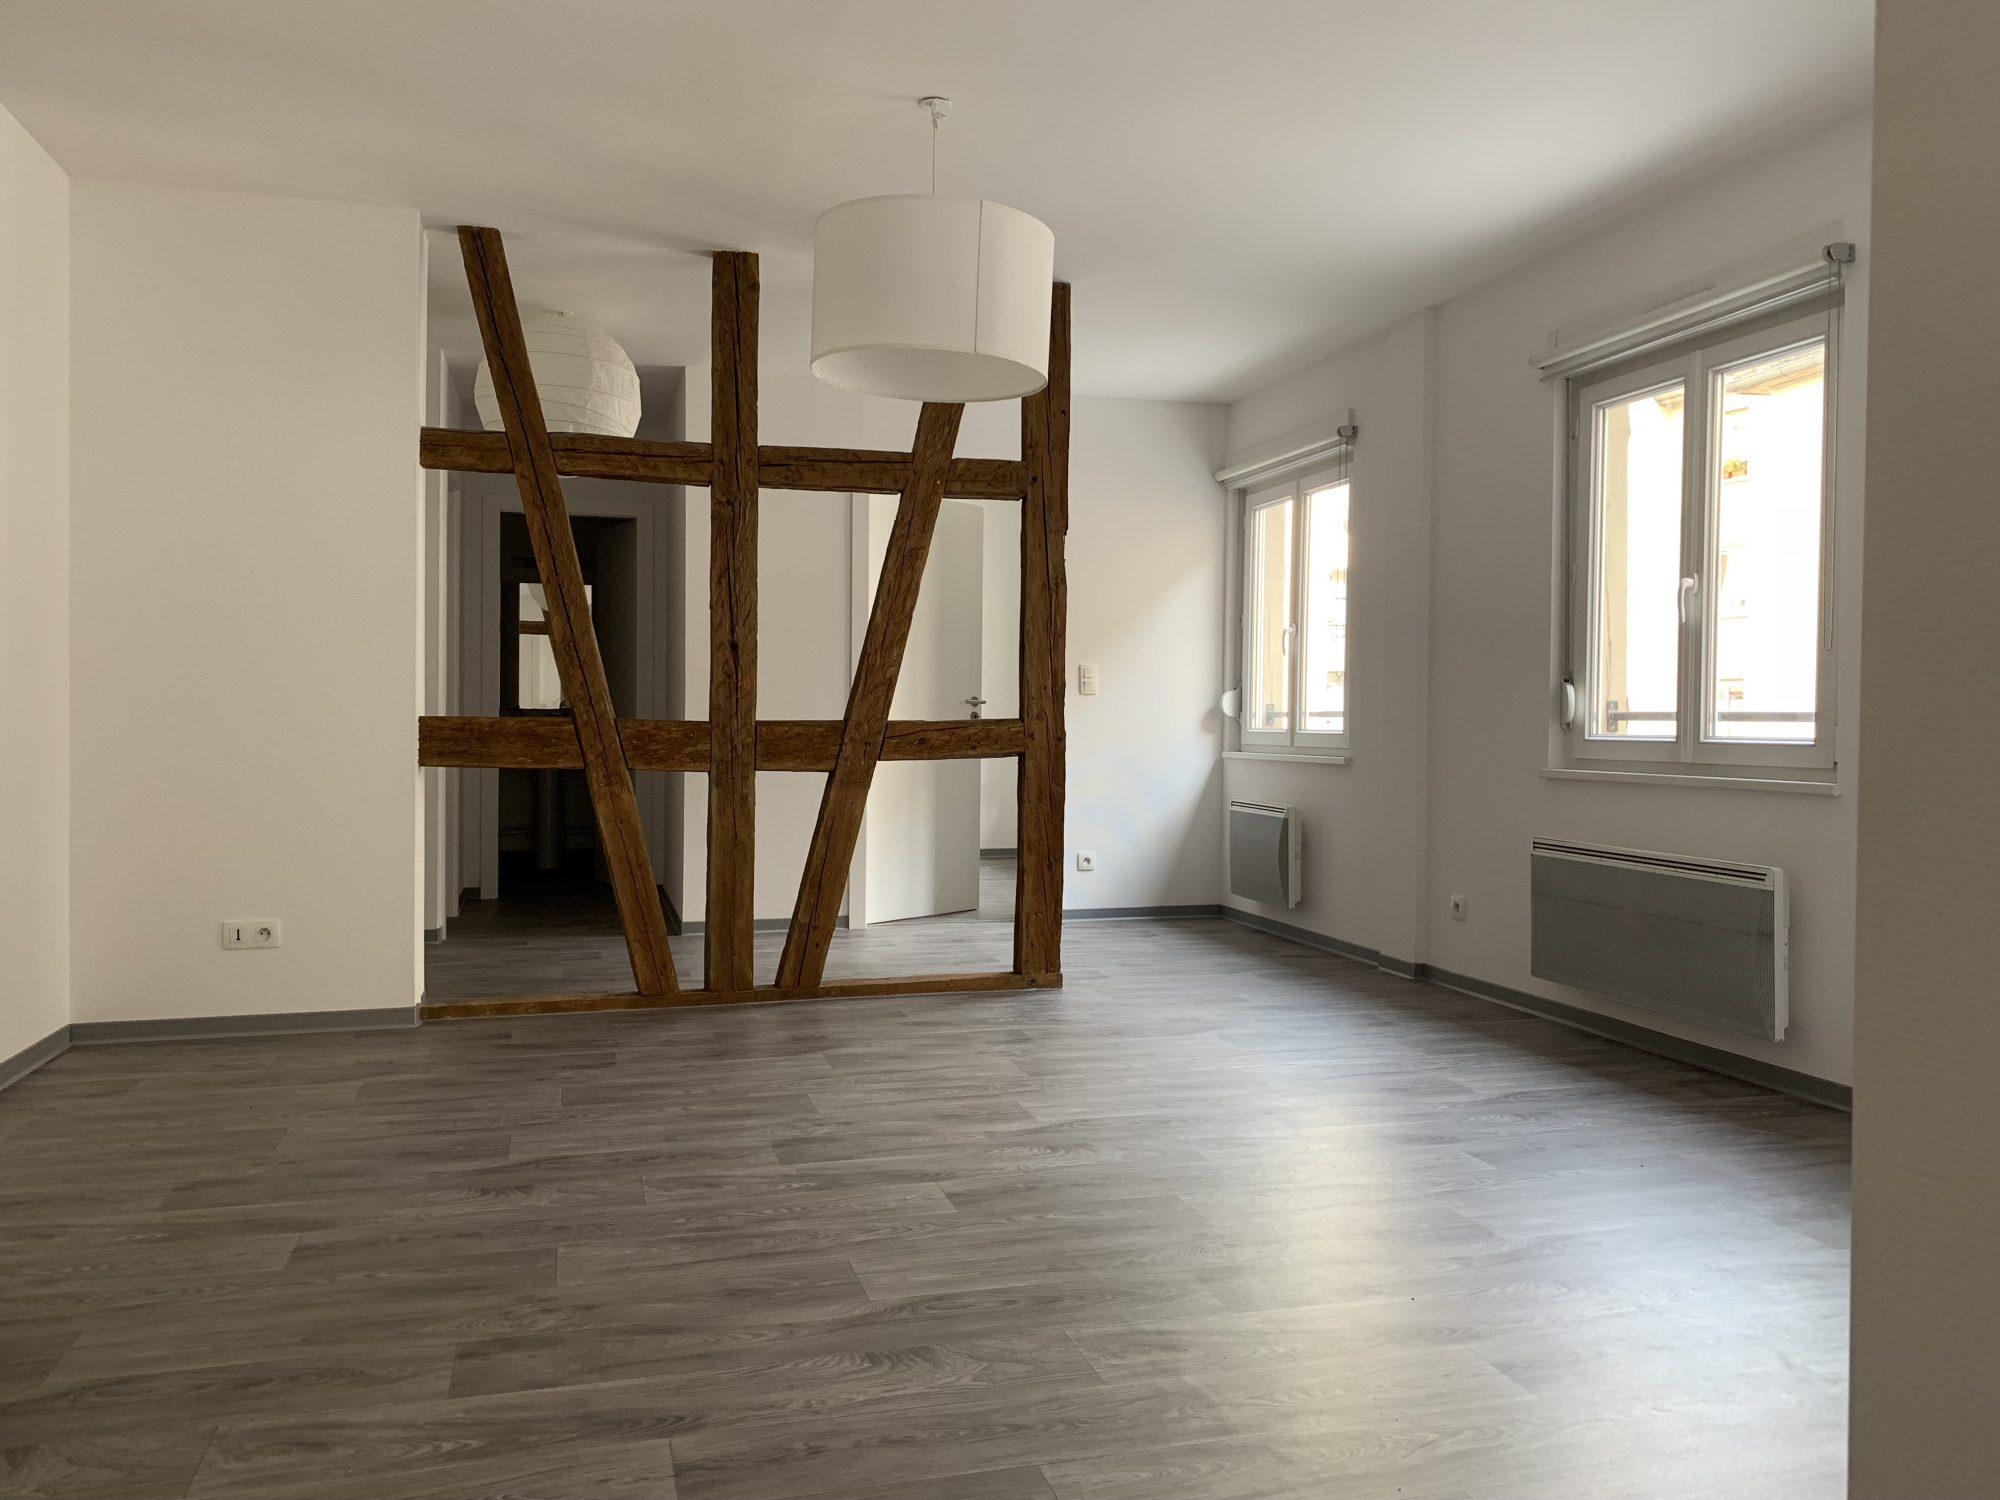 T2 HYPER CENTRE - Devenez locataire en toute sérénité - Bintz Immobilier - 2